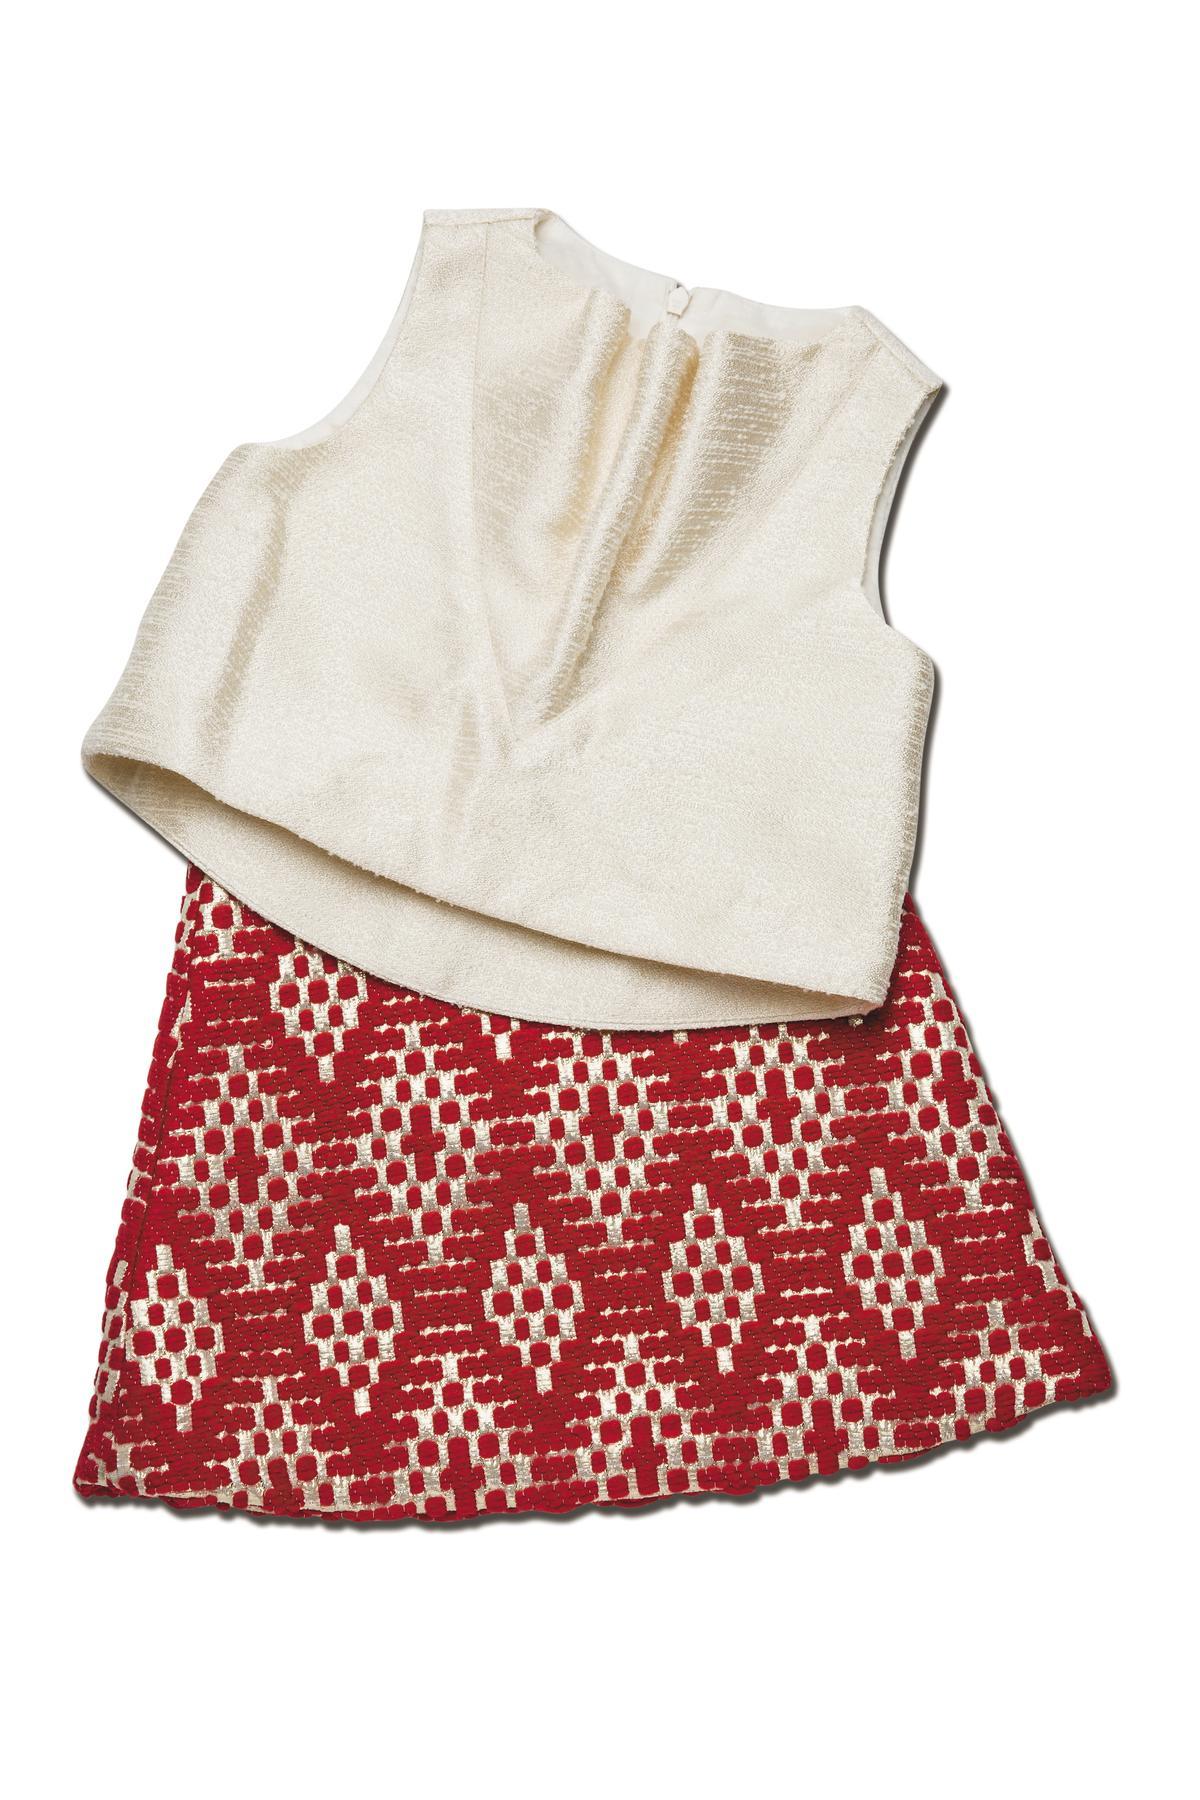 抓縐上衣NT$2,680、斜紋軟呢短裙NT$2,500。